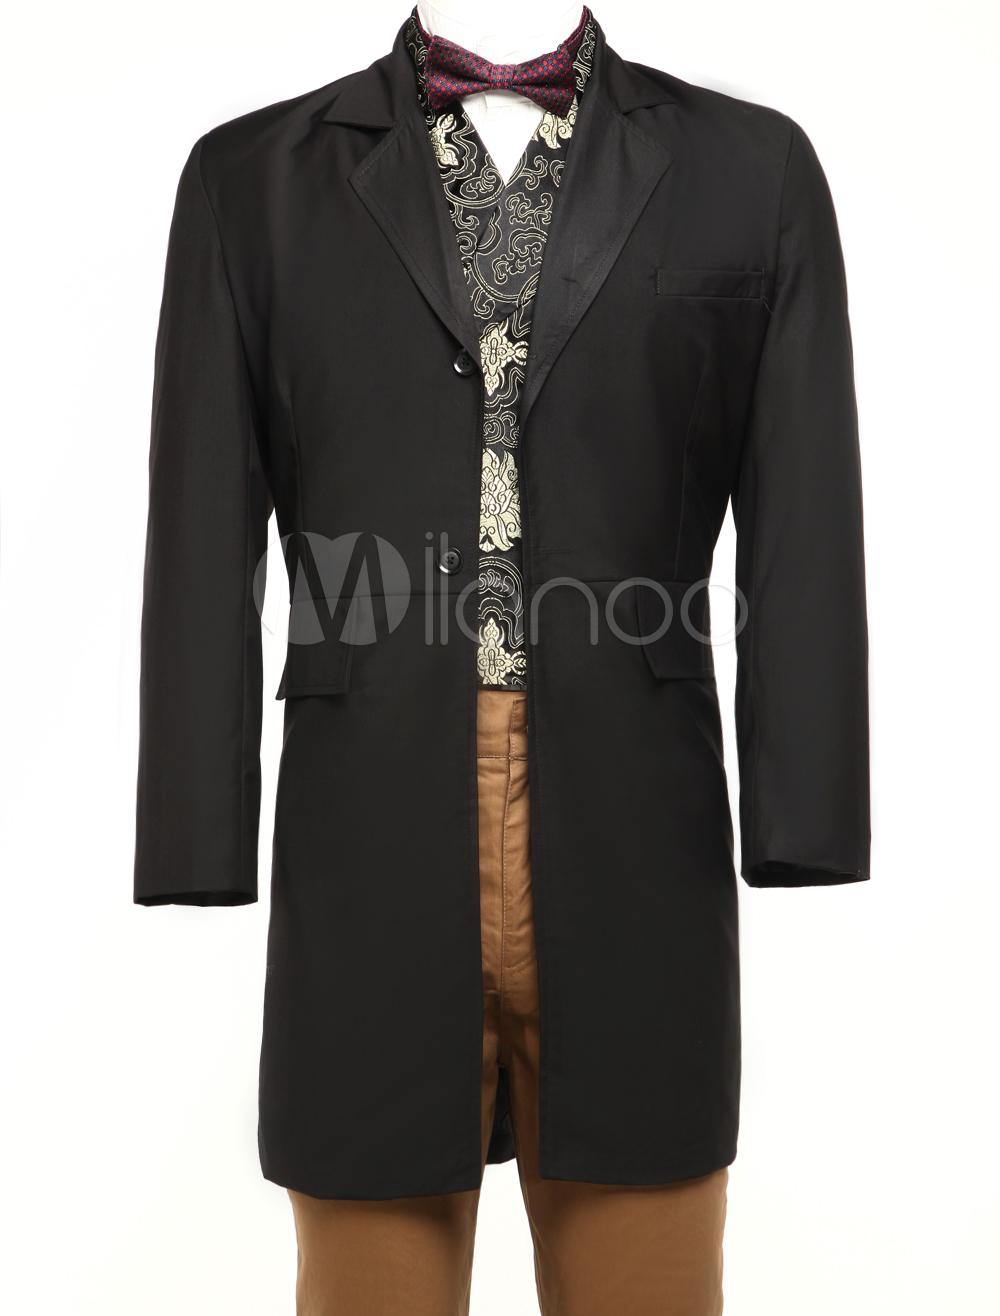 Buy Men's Vintage Costume Victorian Black Coat Retro Overcoat Halloween for $104.99 in Milanoo store